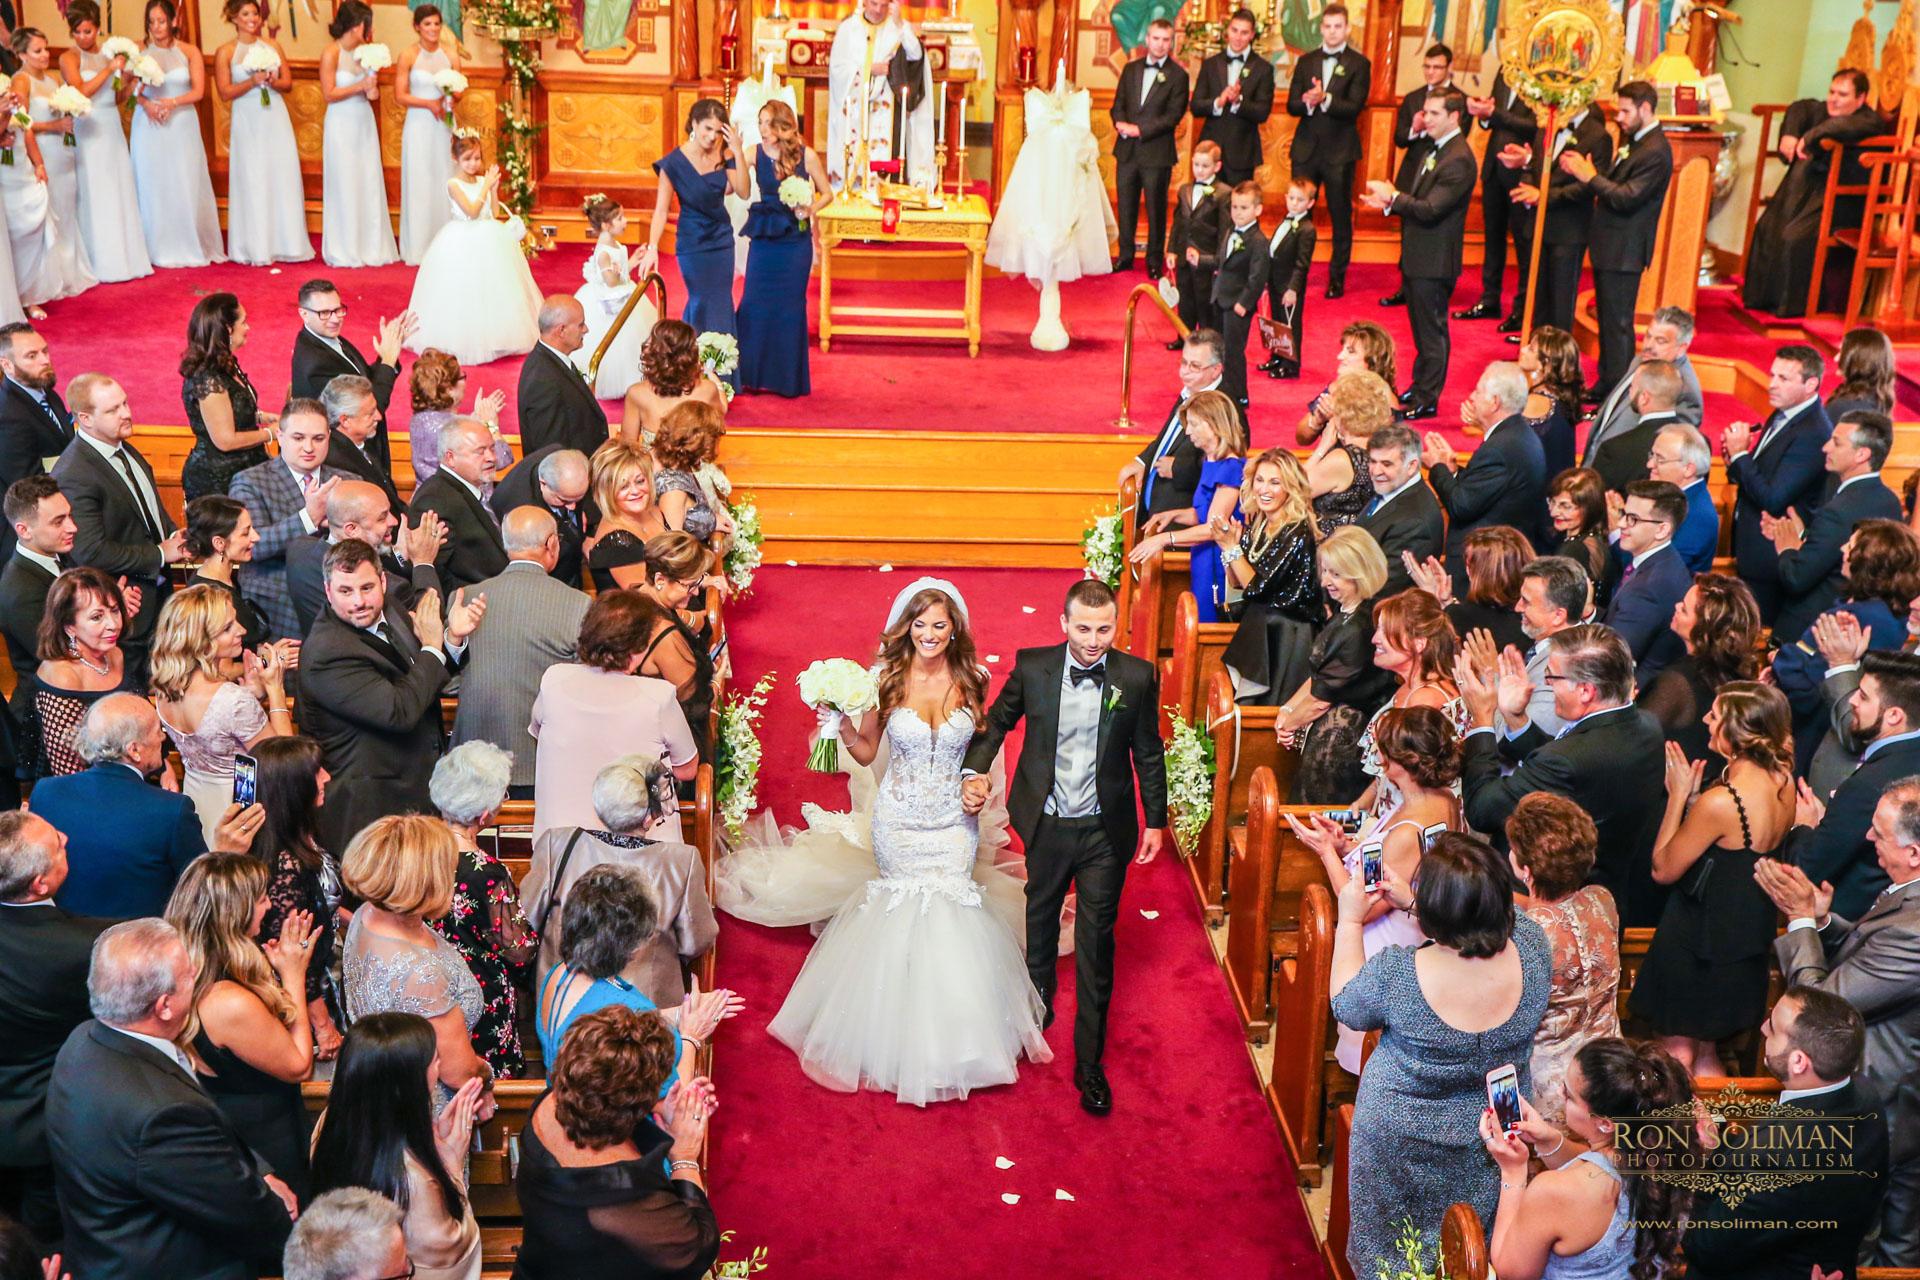 BALLROOM AT THE BEN WEDDING AG 22